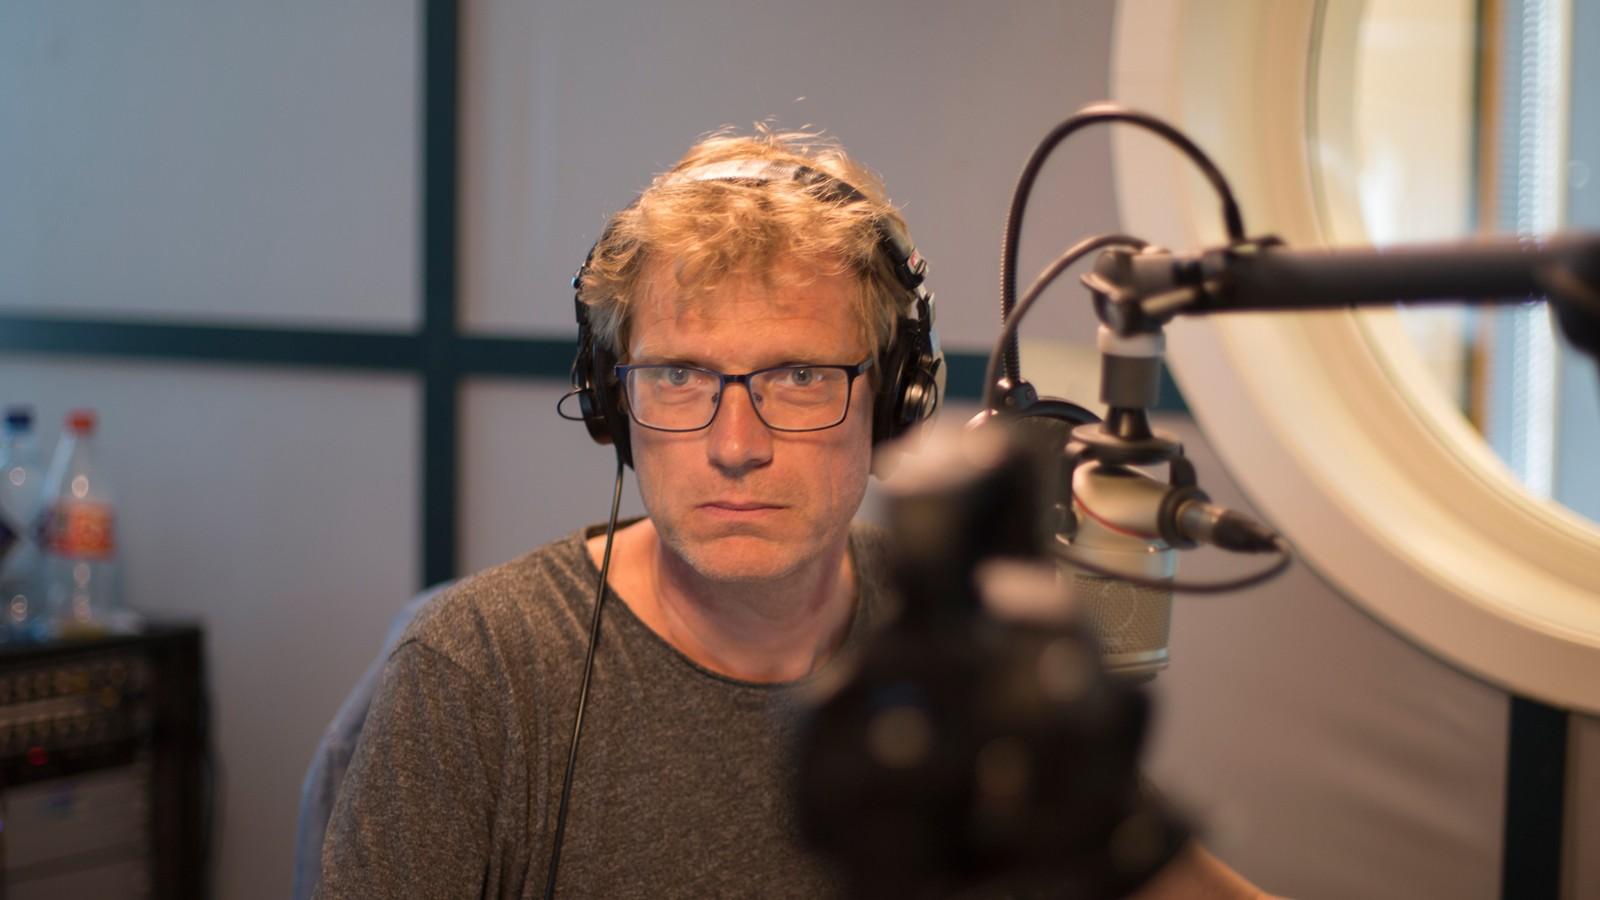 Øystein Ellingsen i NRK Rogaland, etter å ha sendt 23 timer radio i ett strekk. 21. juni.